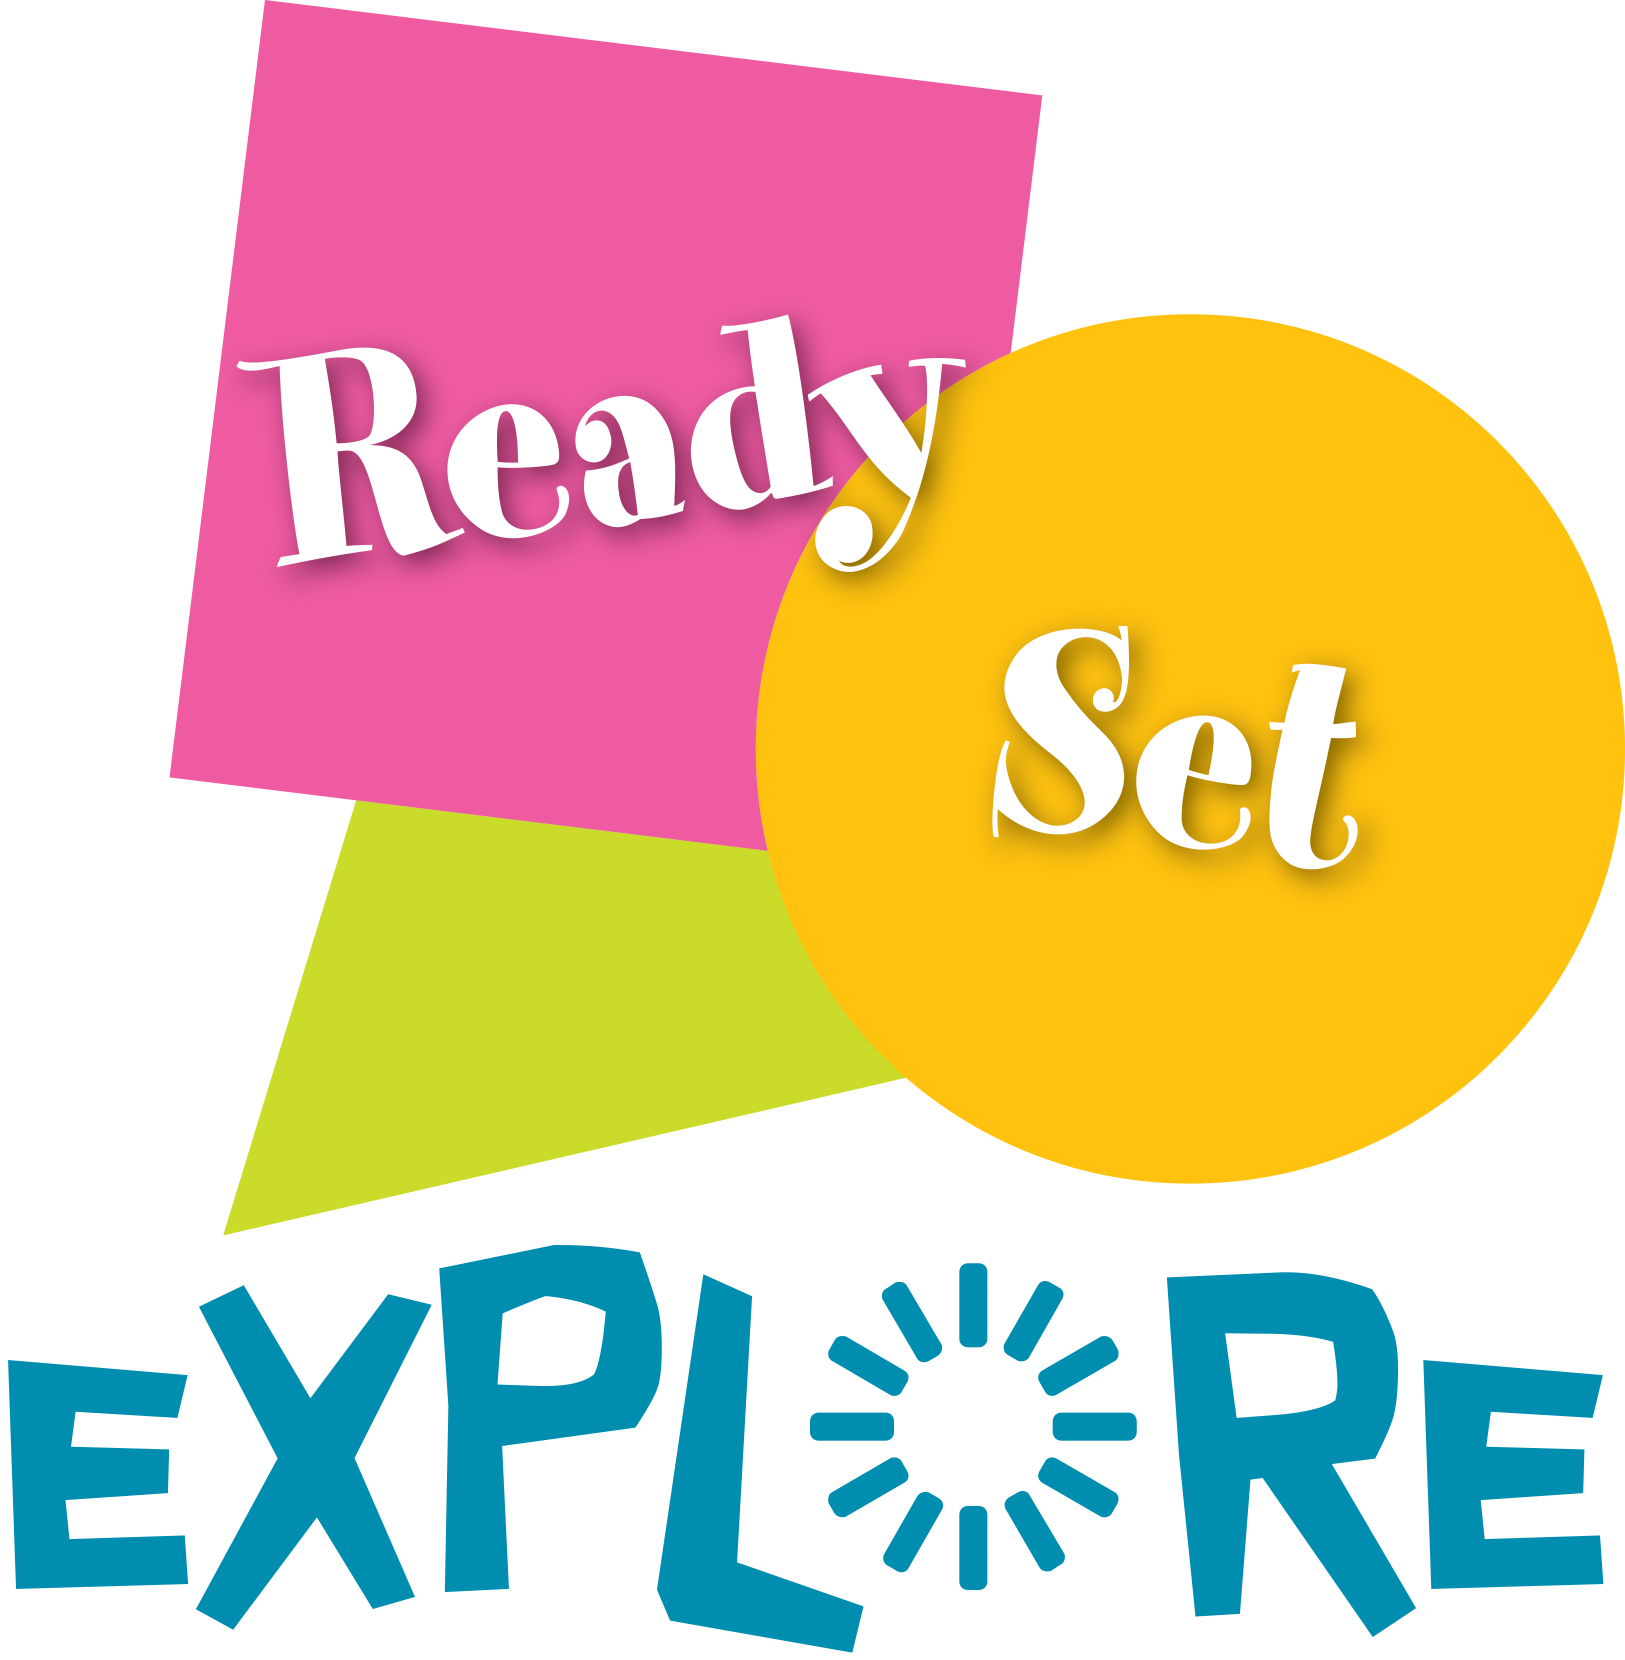 Ready, Set, Explore